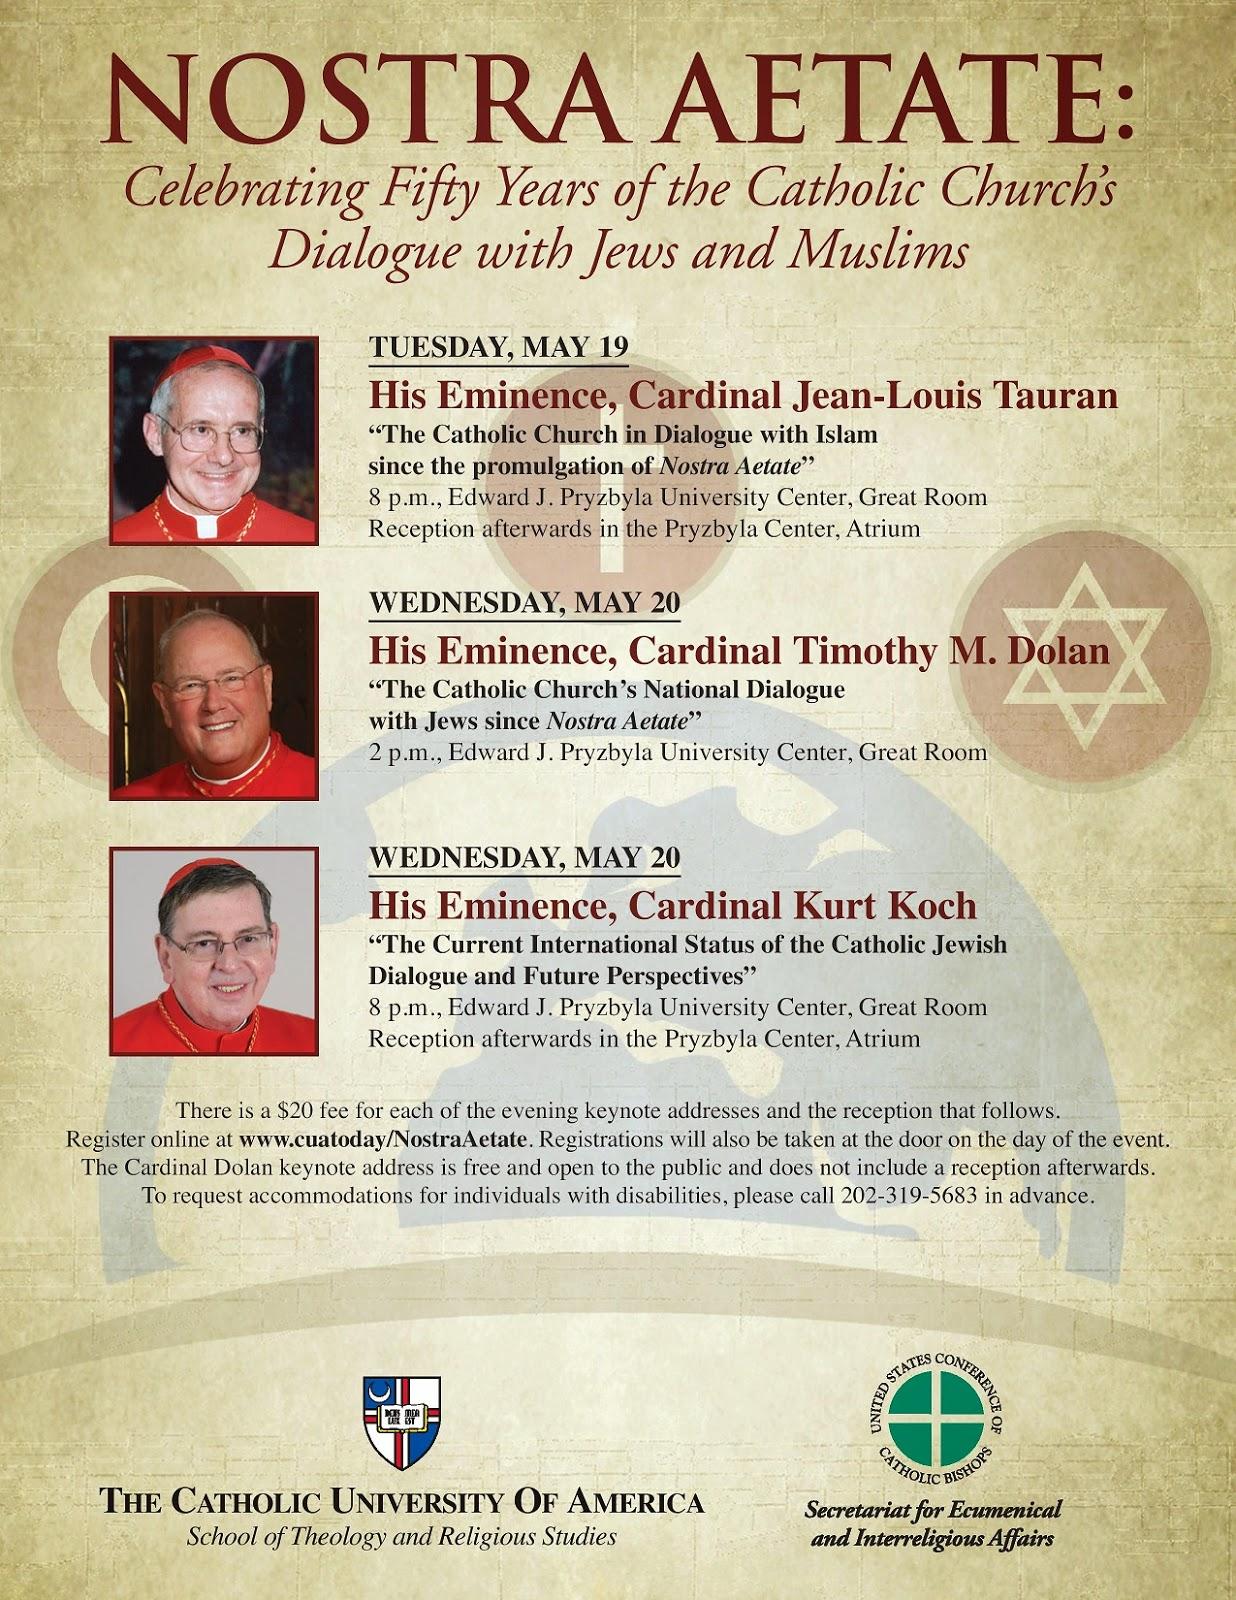 Declaración  sobre  las relaciones de la Iglesia con  las religiones  no cristianas